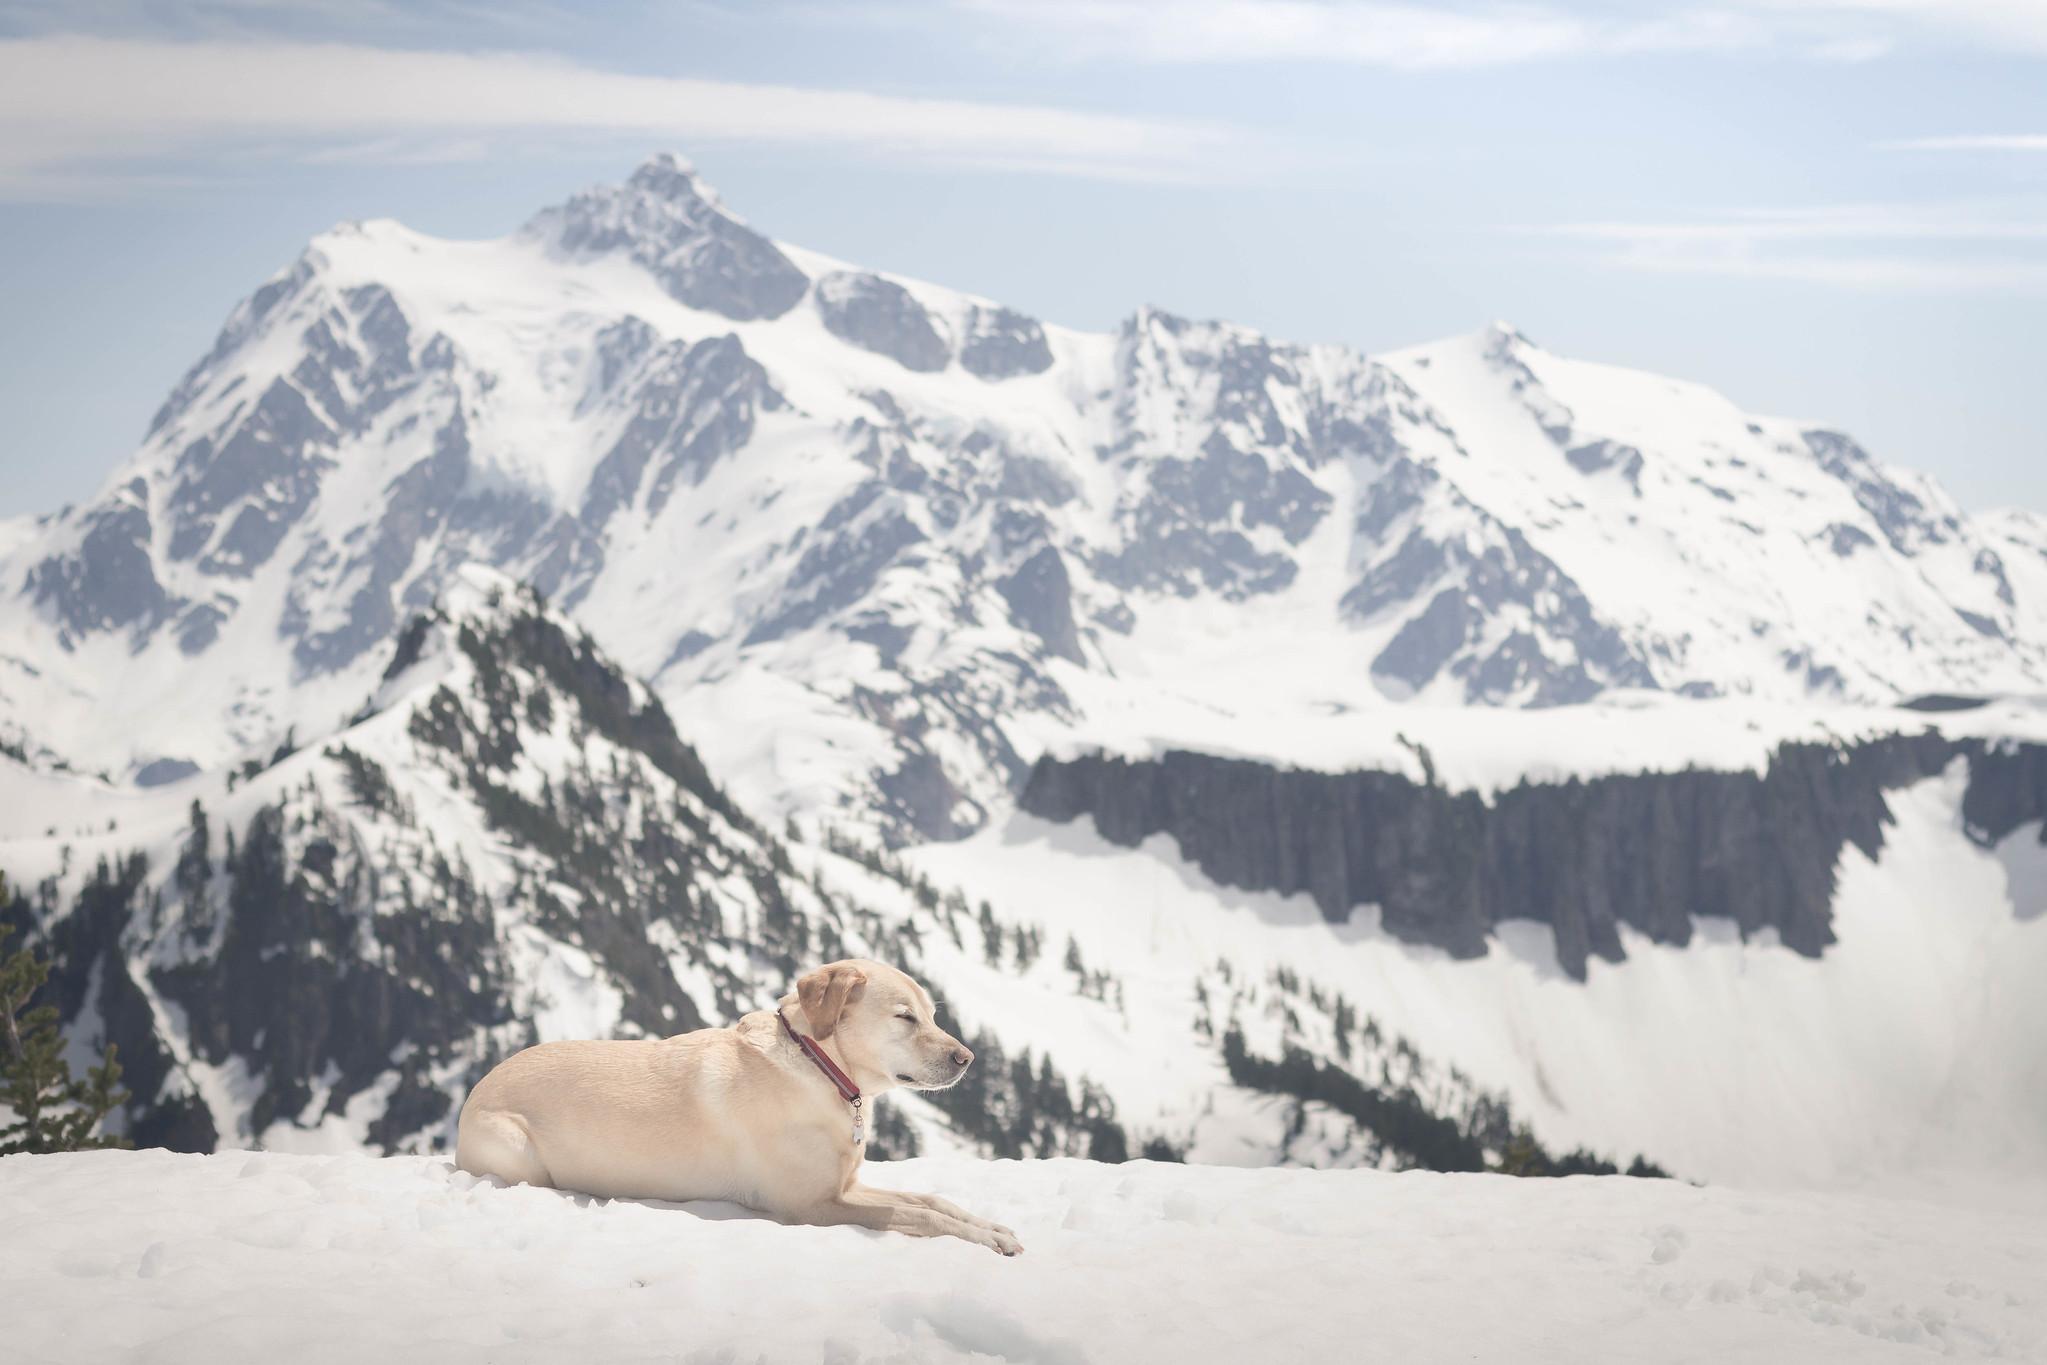 Summit dogs on Barometer Mountain